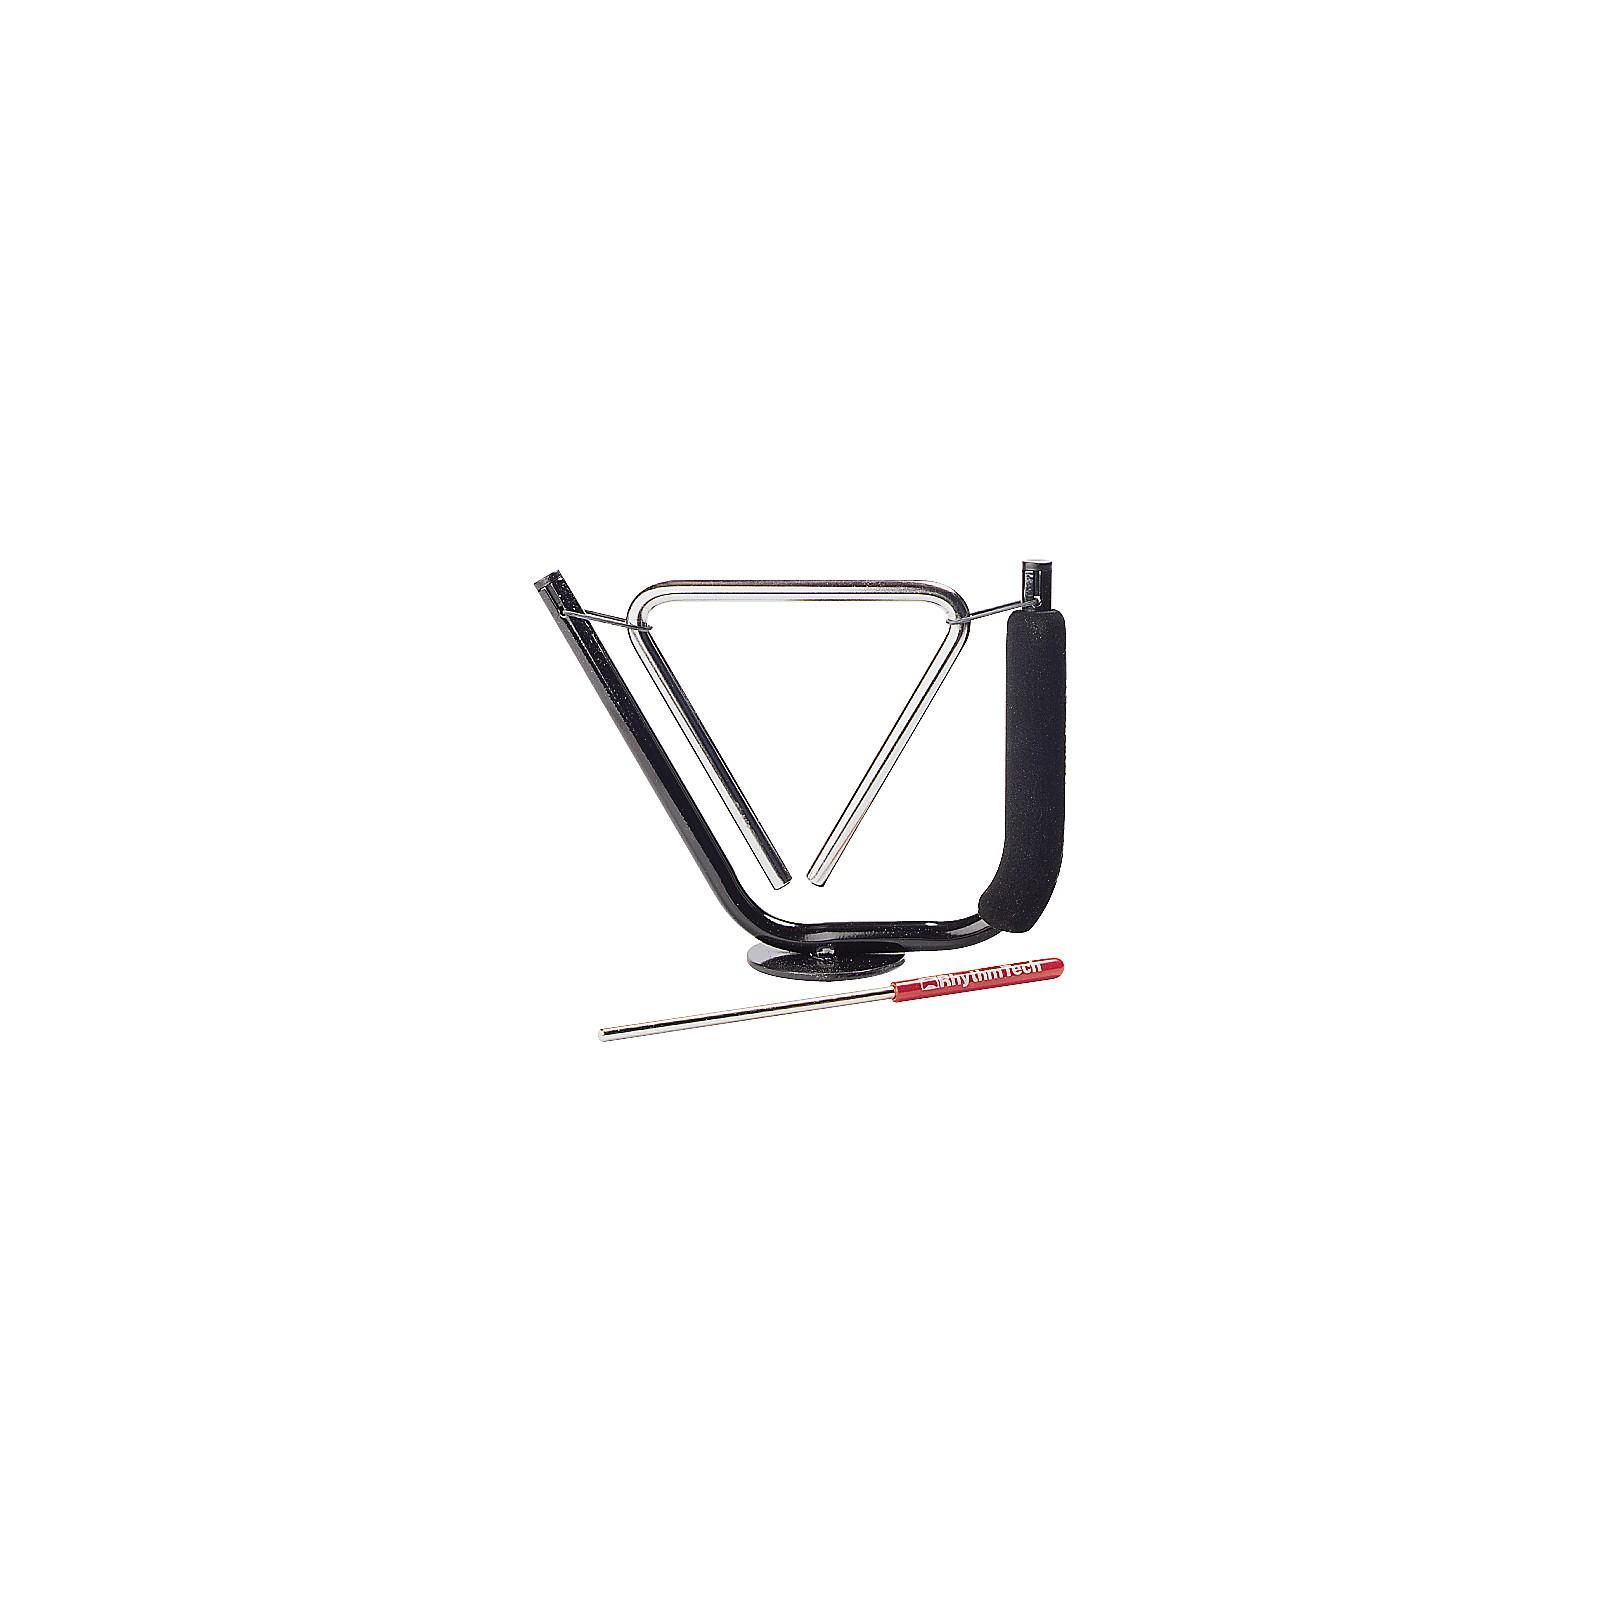 Rhythm Tech RT6000 Trigger Triangle